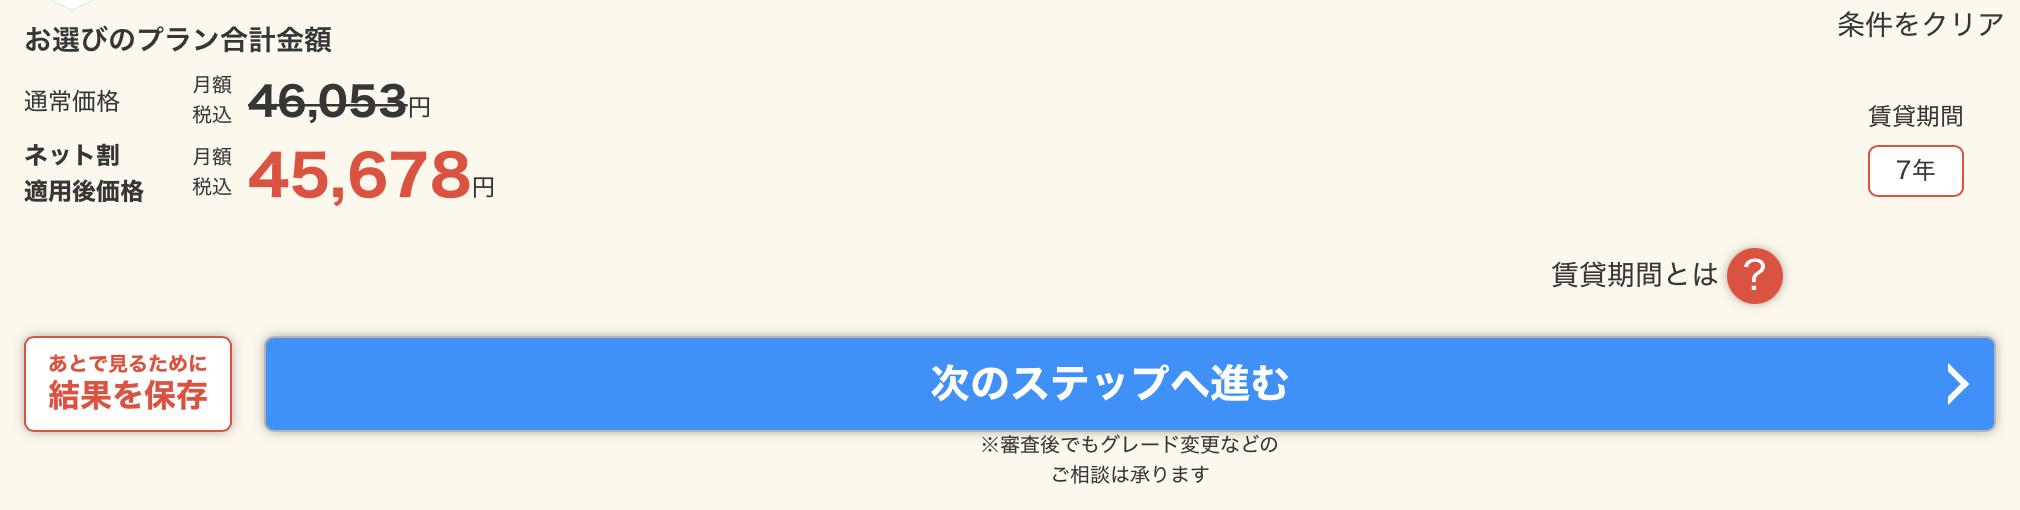 2位 定額カルモくん:4万5,678円